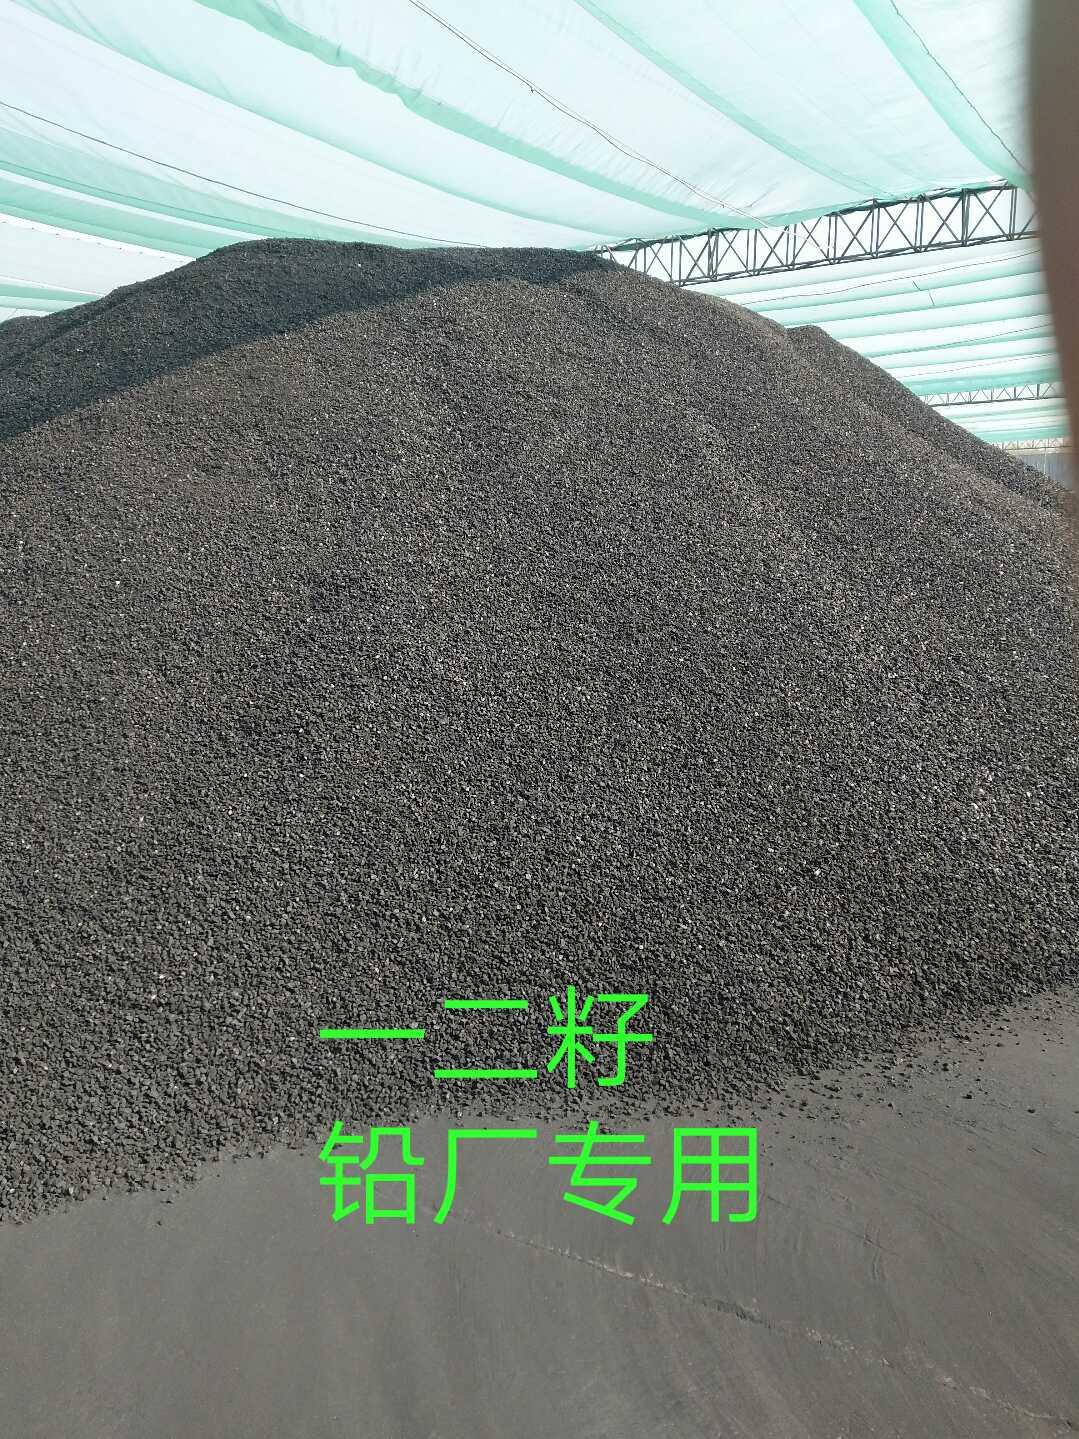 Бог дерево уголь газ из уголь охрана окружающей среды уголь